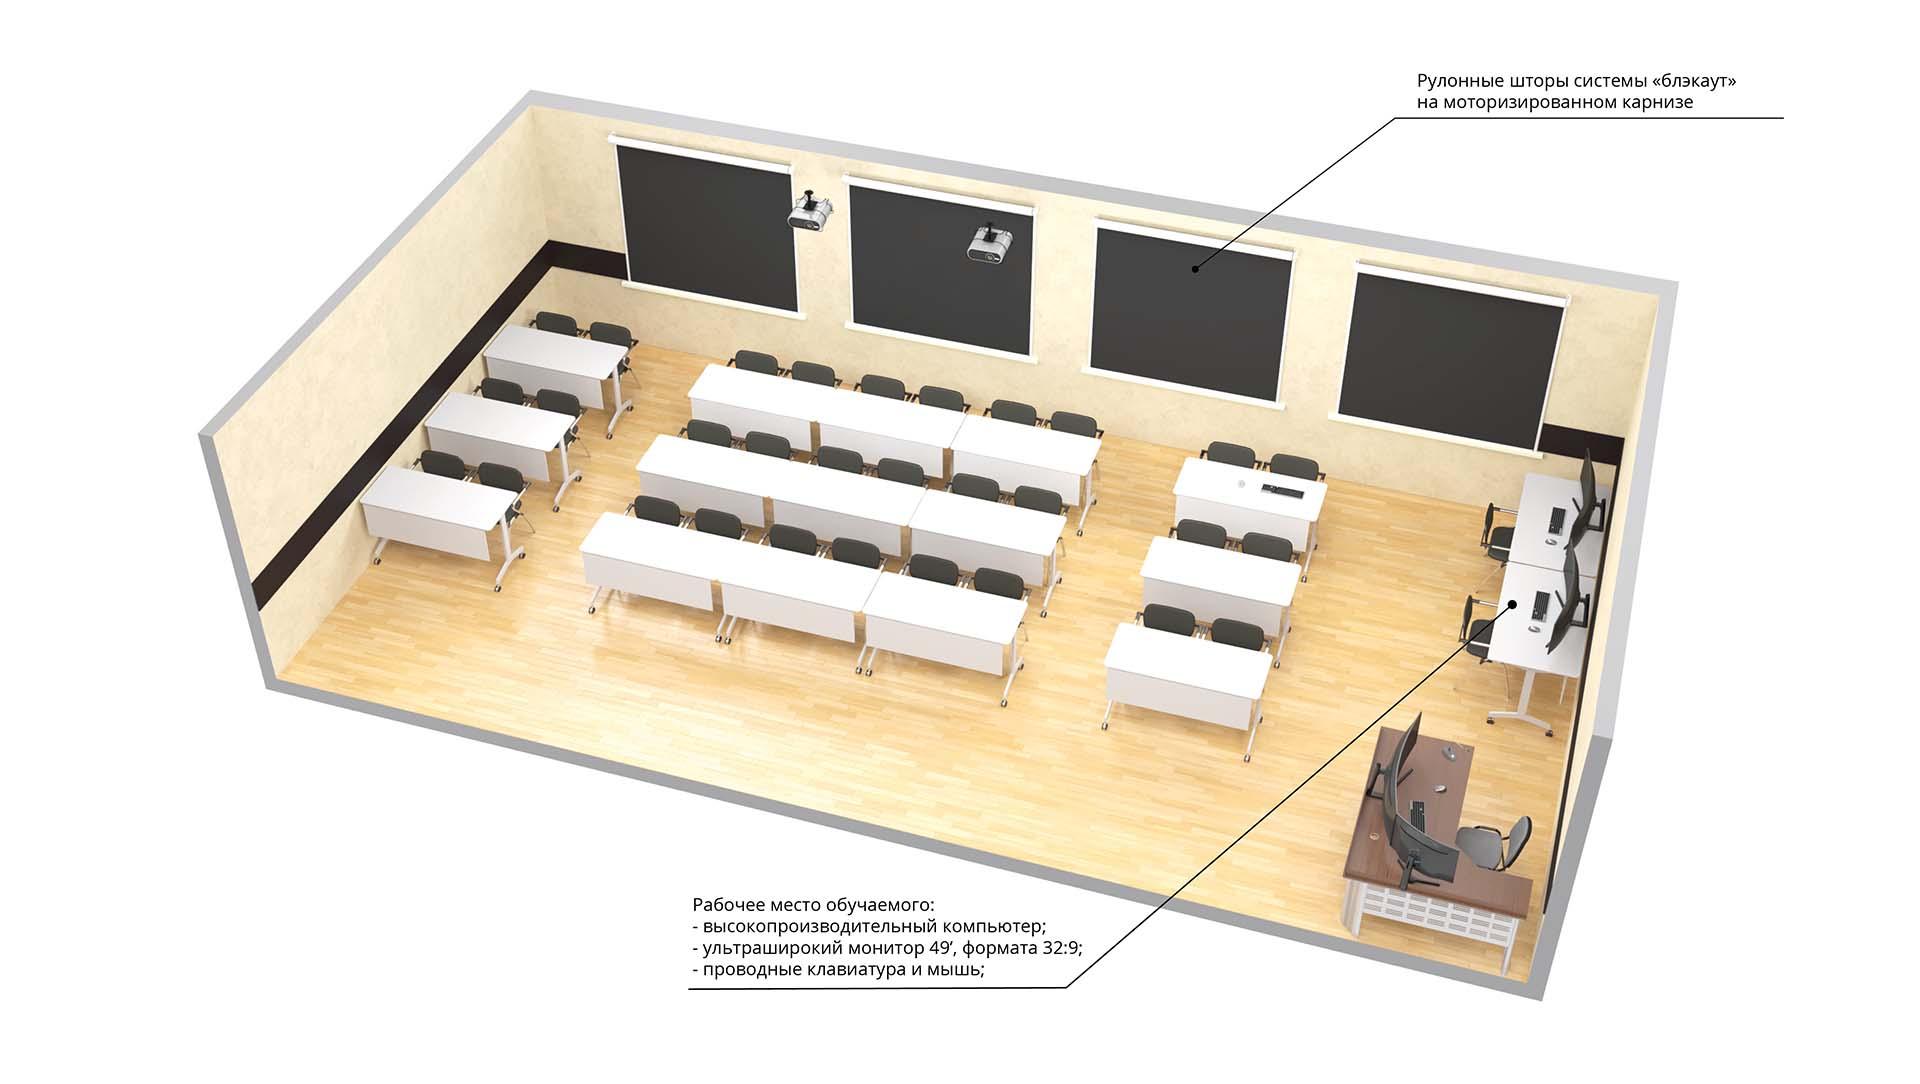 кабинет 2  Учебные кабинеты